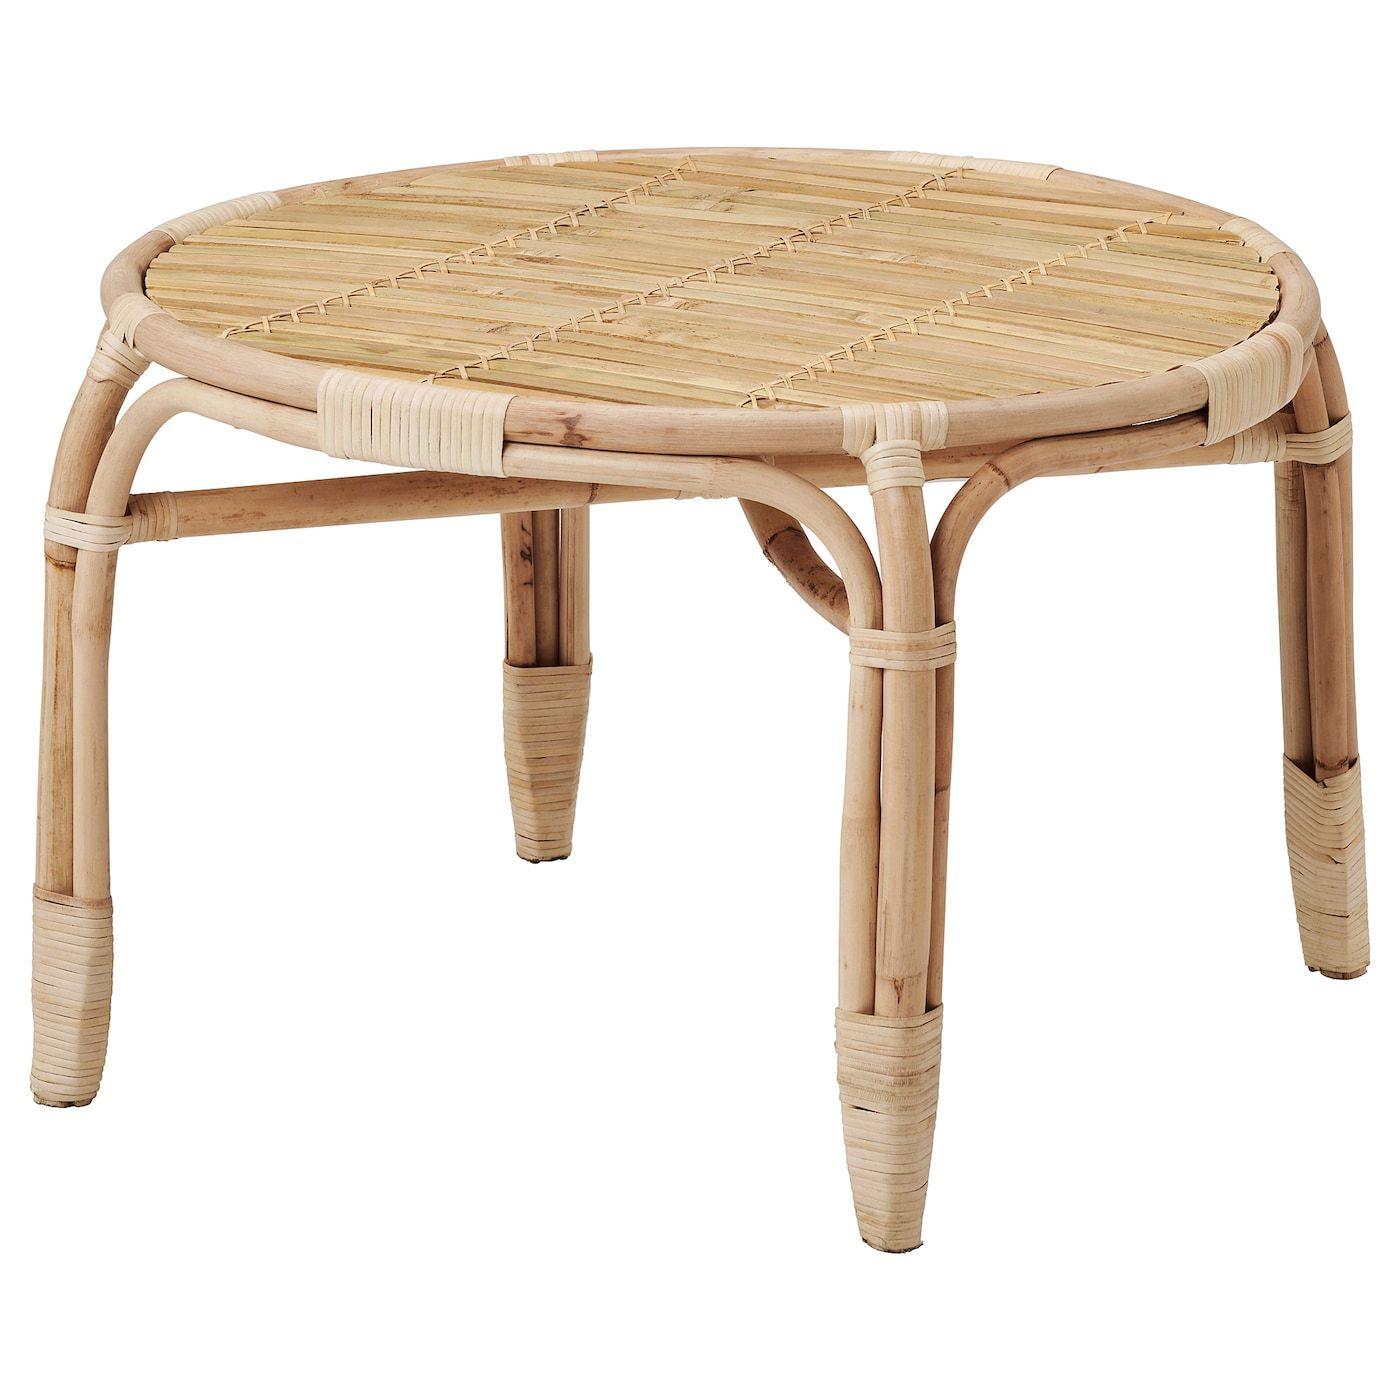 Home Furniture Store Modern Furnishings Decor Coffee Table Rattan Ikea [ 1400 x 1400 Pixel ]